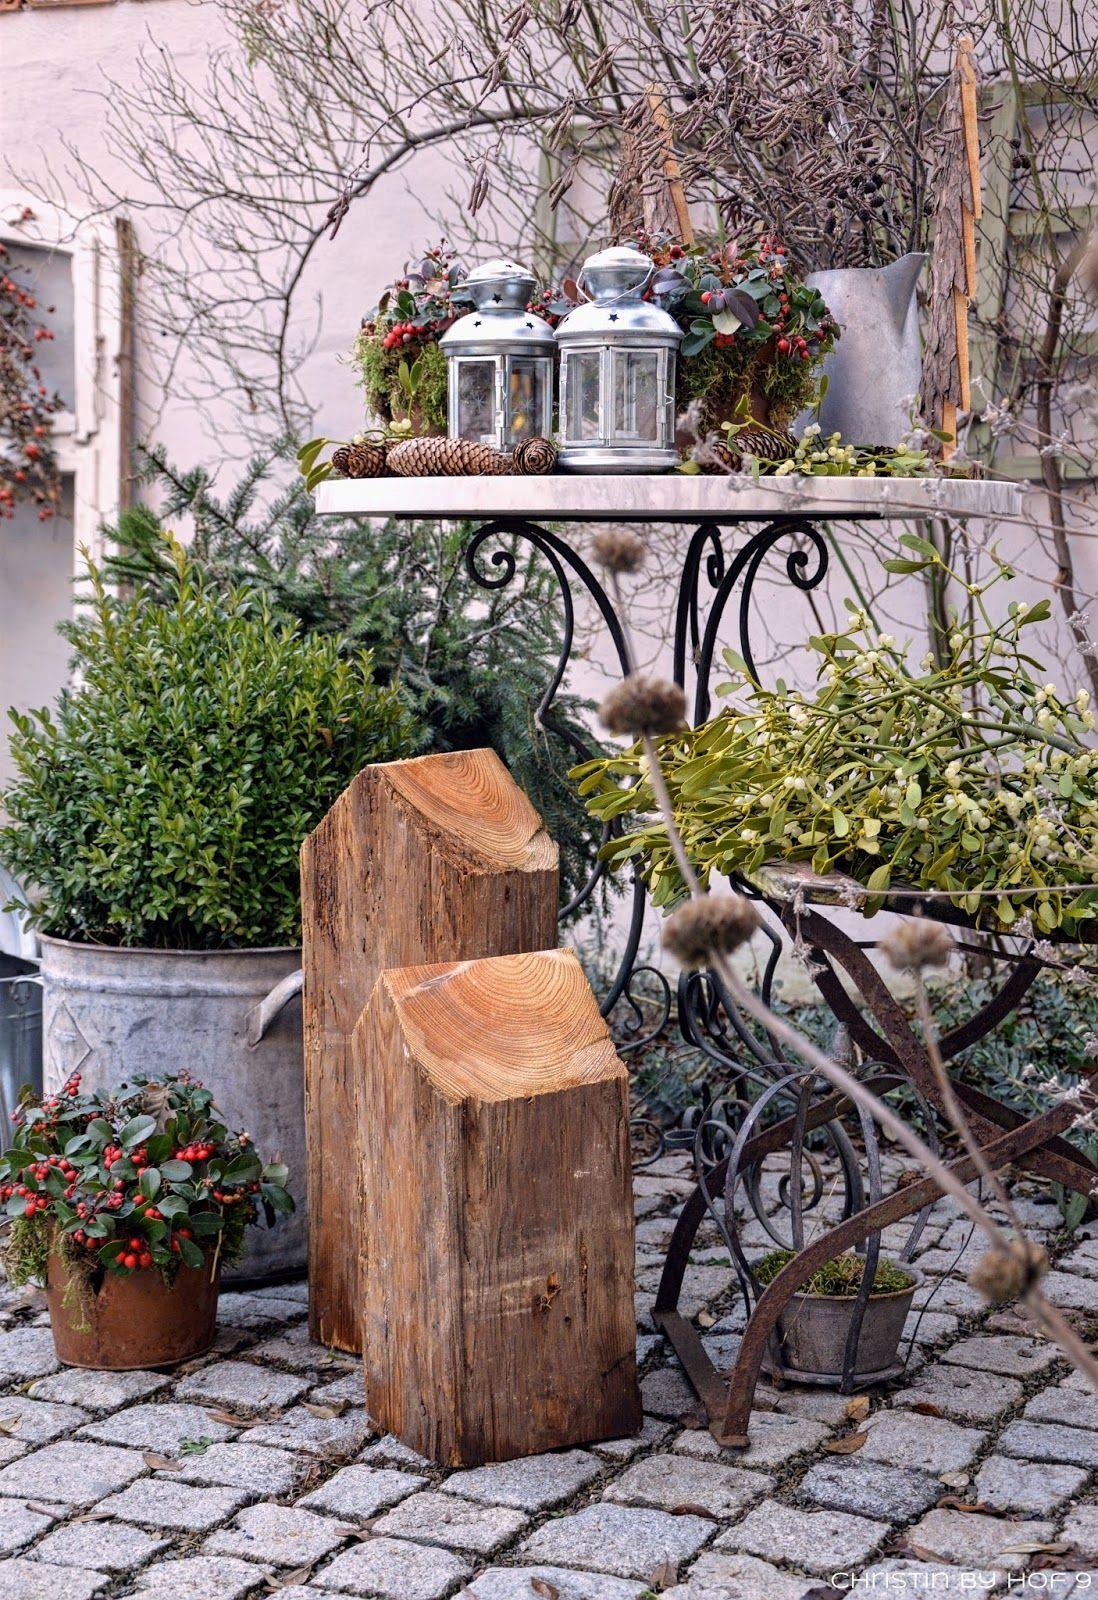 Innenhofdekoration im Winter Außendekoration mit Naturmaterialen Dekoration mit Zink Shabby